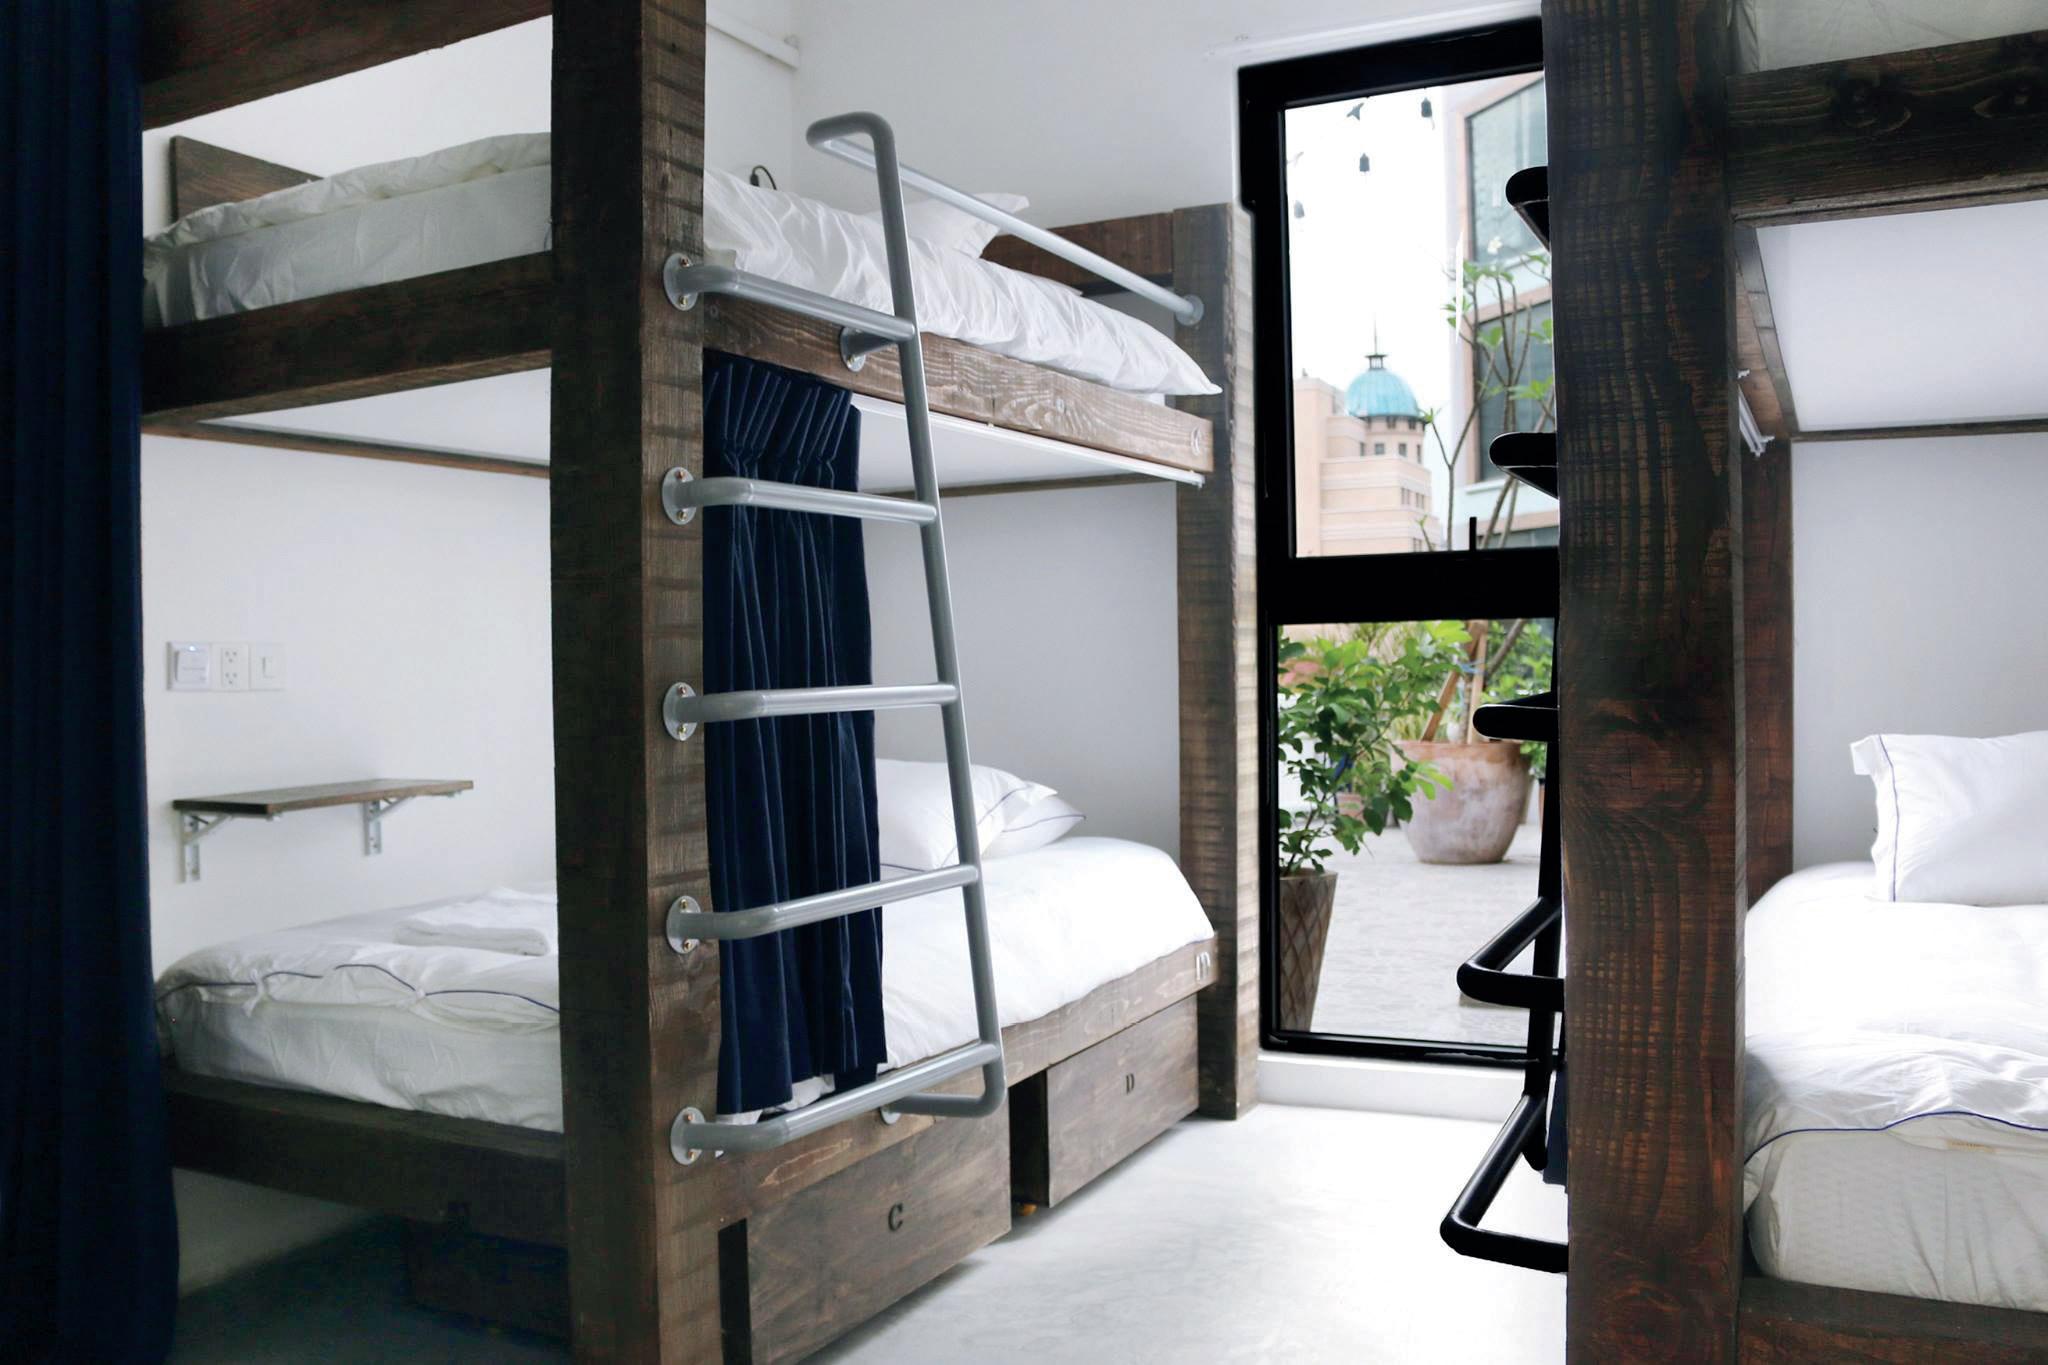 The Dorm 3